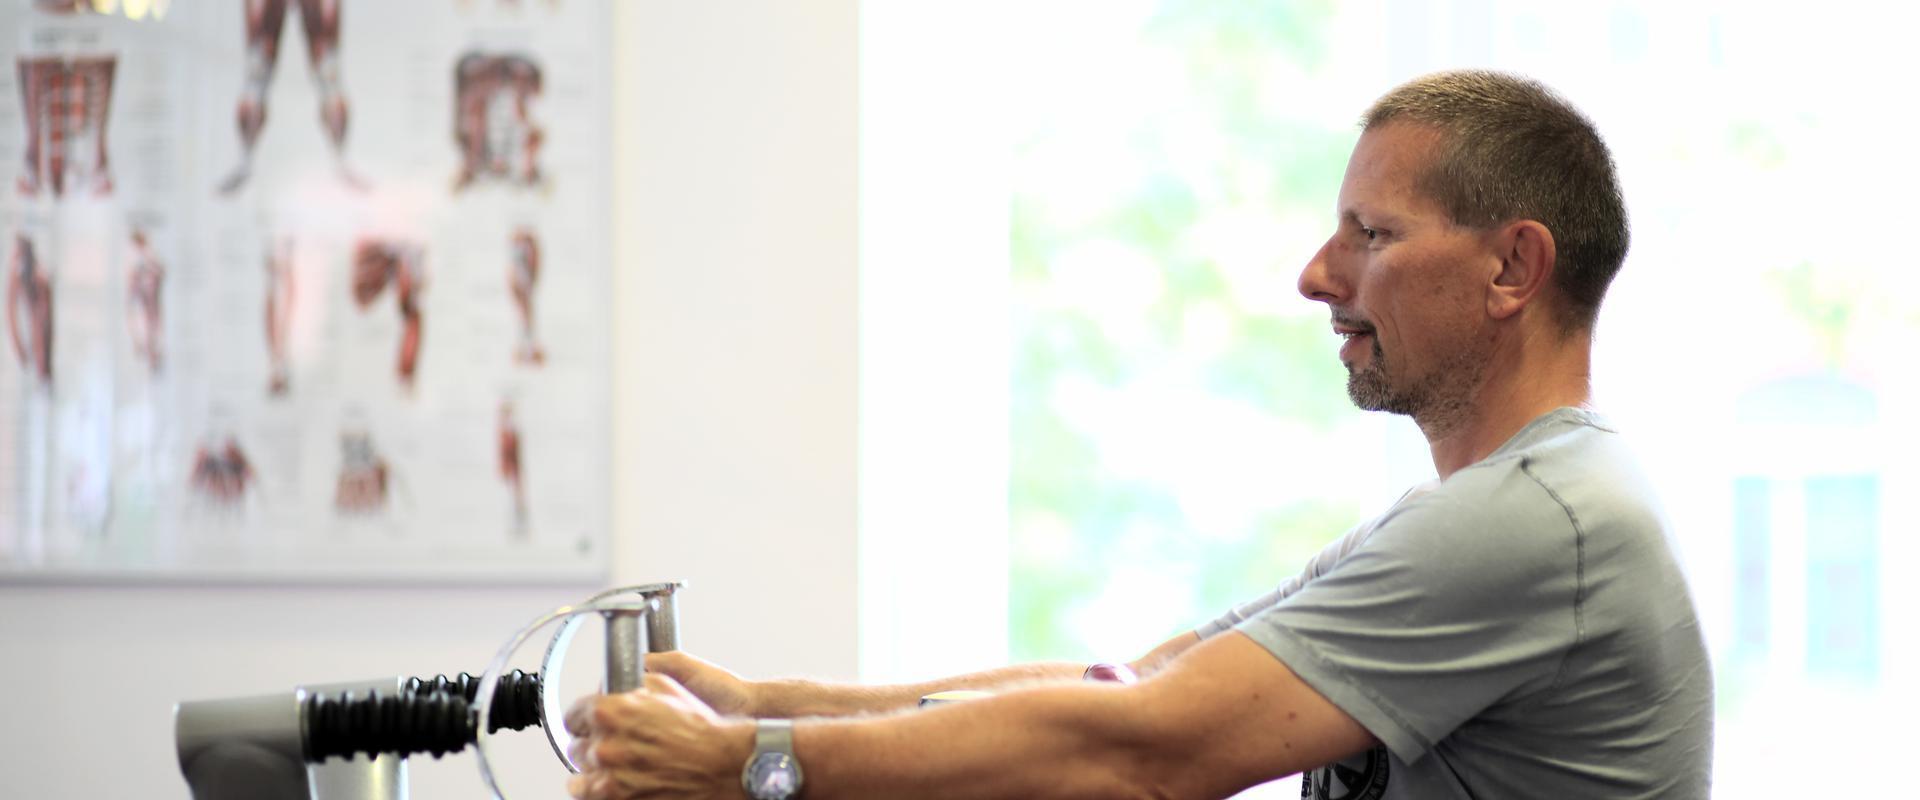 Mann trainiert im MEDIAN Ambulantes Gesundheitszentrum Hannover